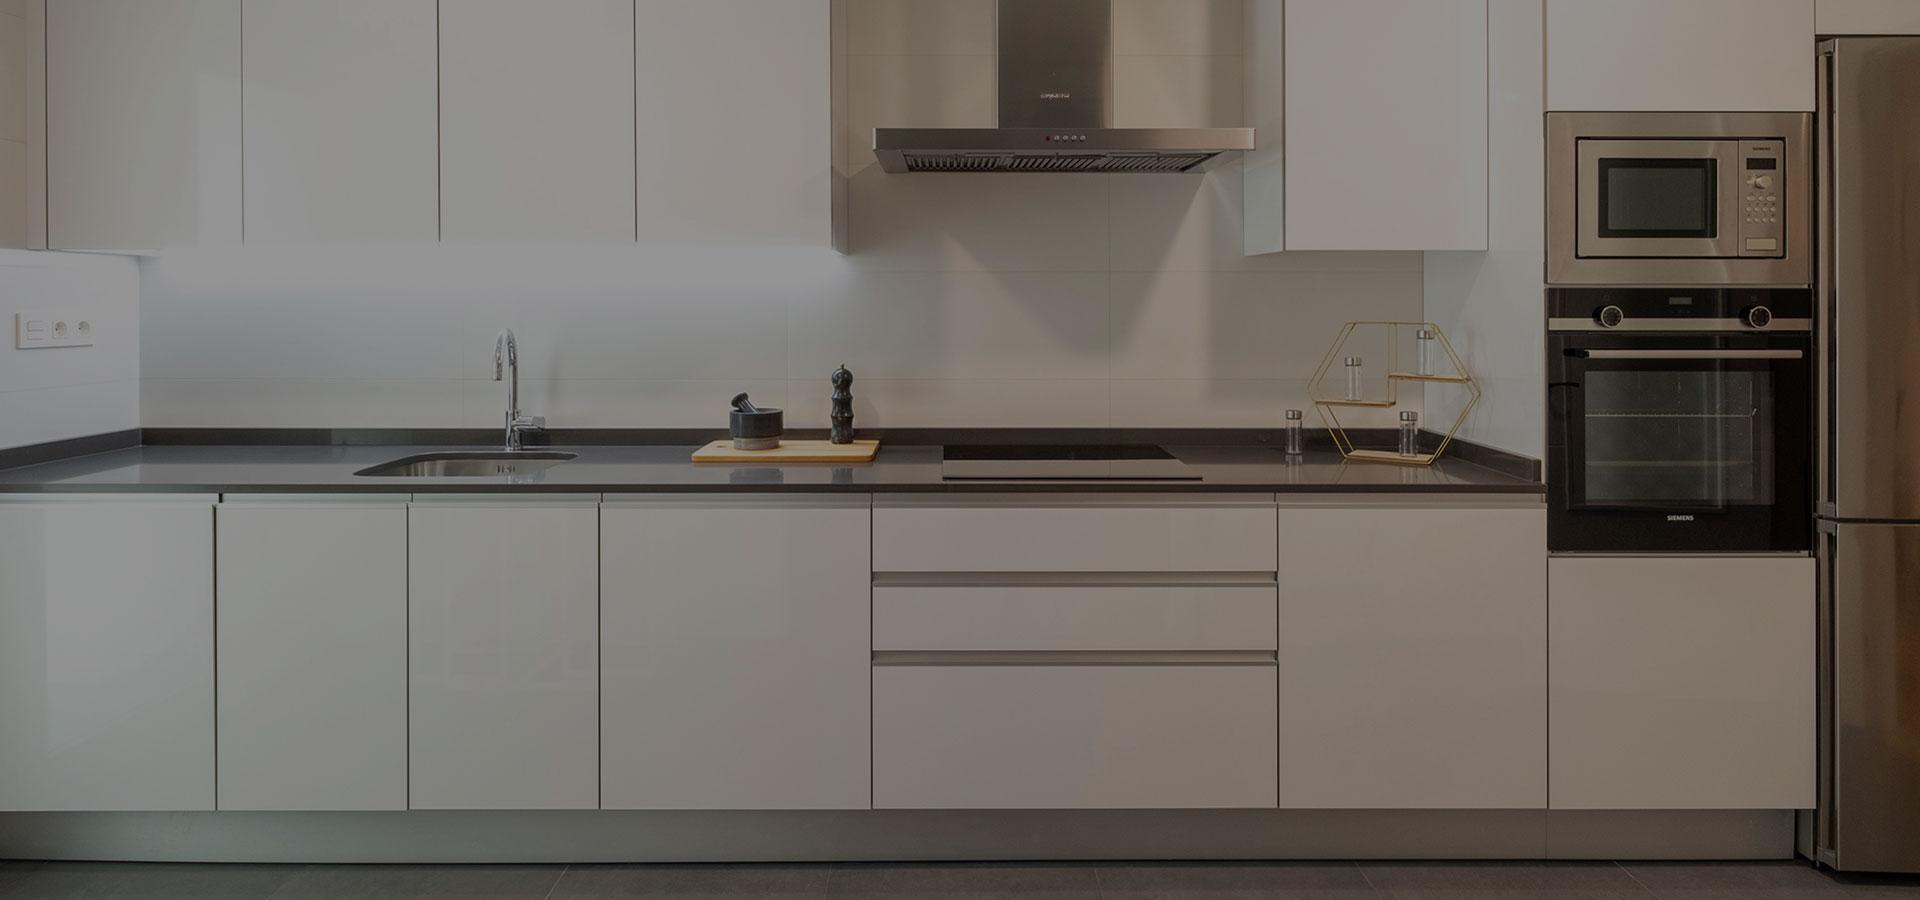 Diseño y funcionalidad en tu cocina